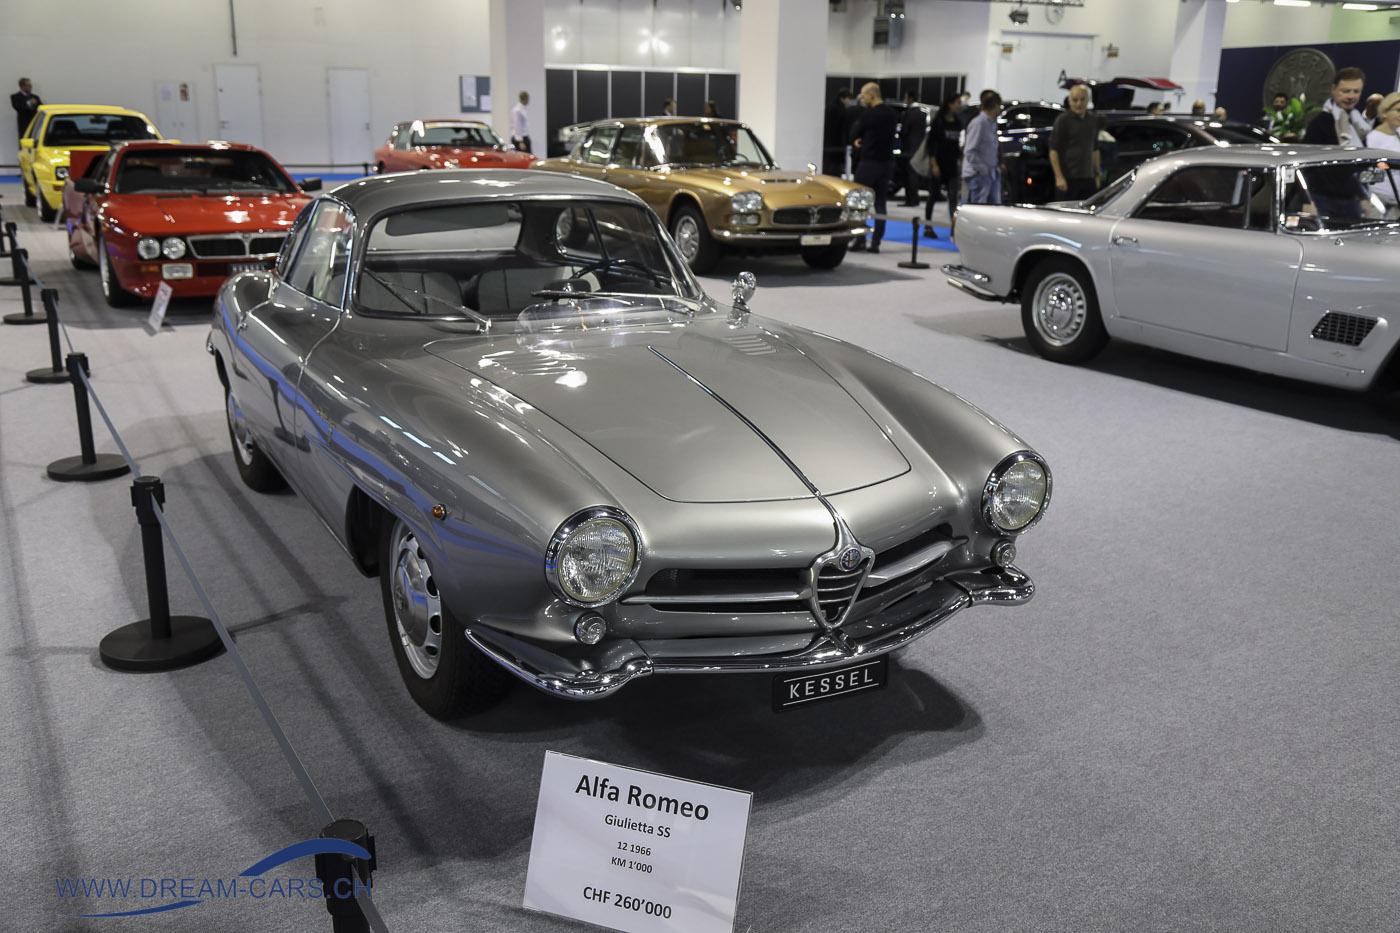 Auto Zürich Car Show Oldtimer Kessel